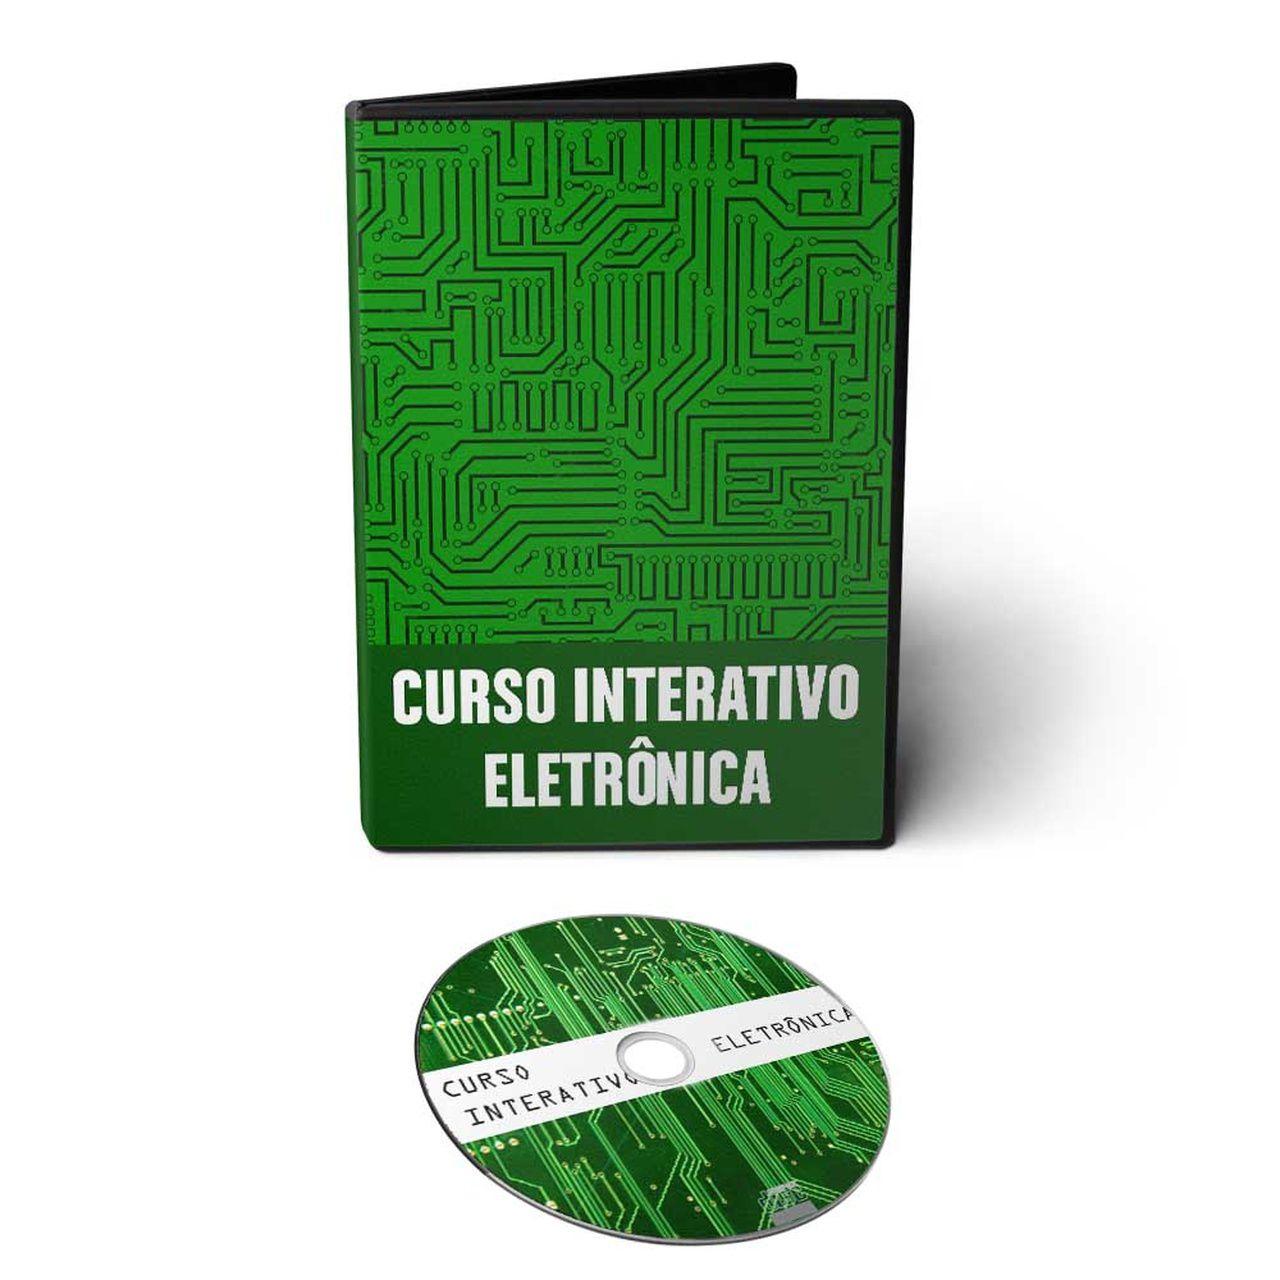 Curso Interativo de Eletrônica em CD